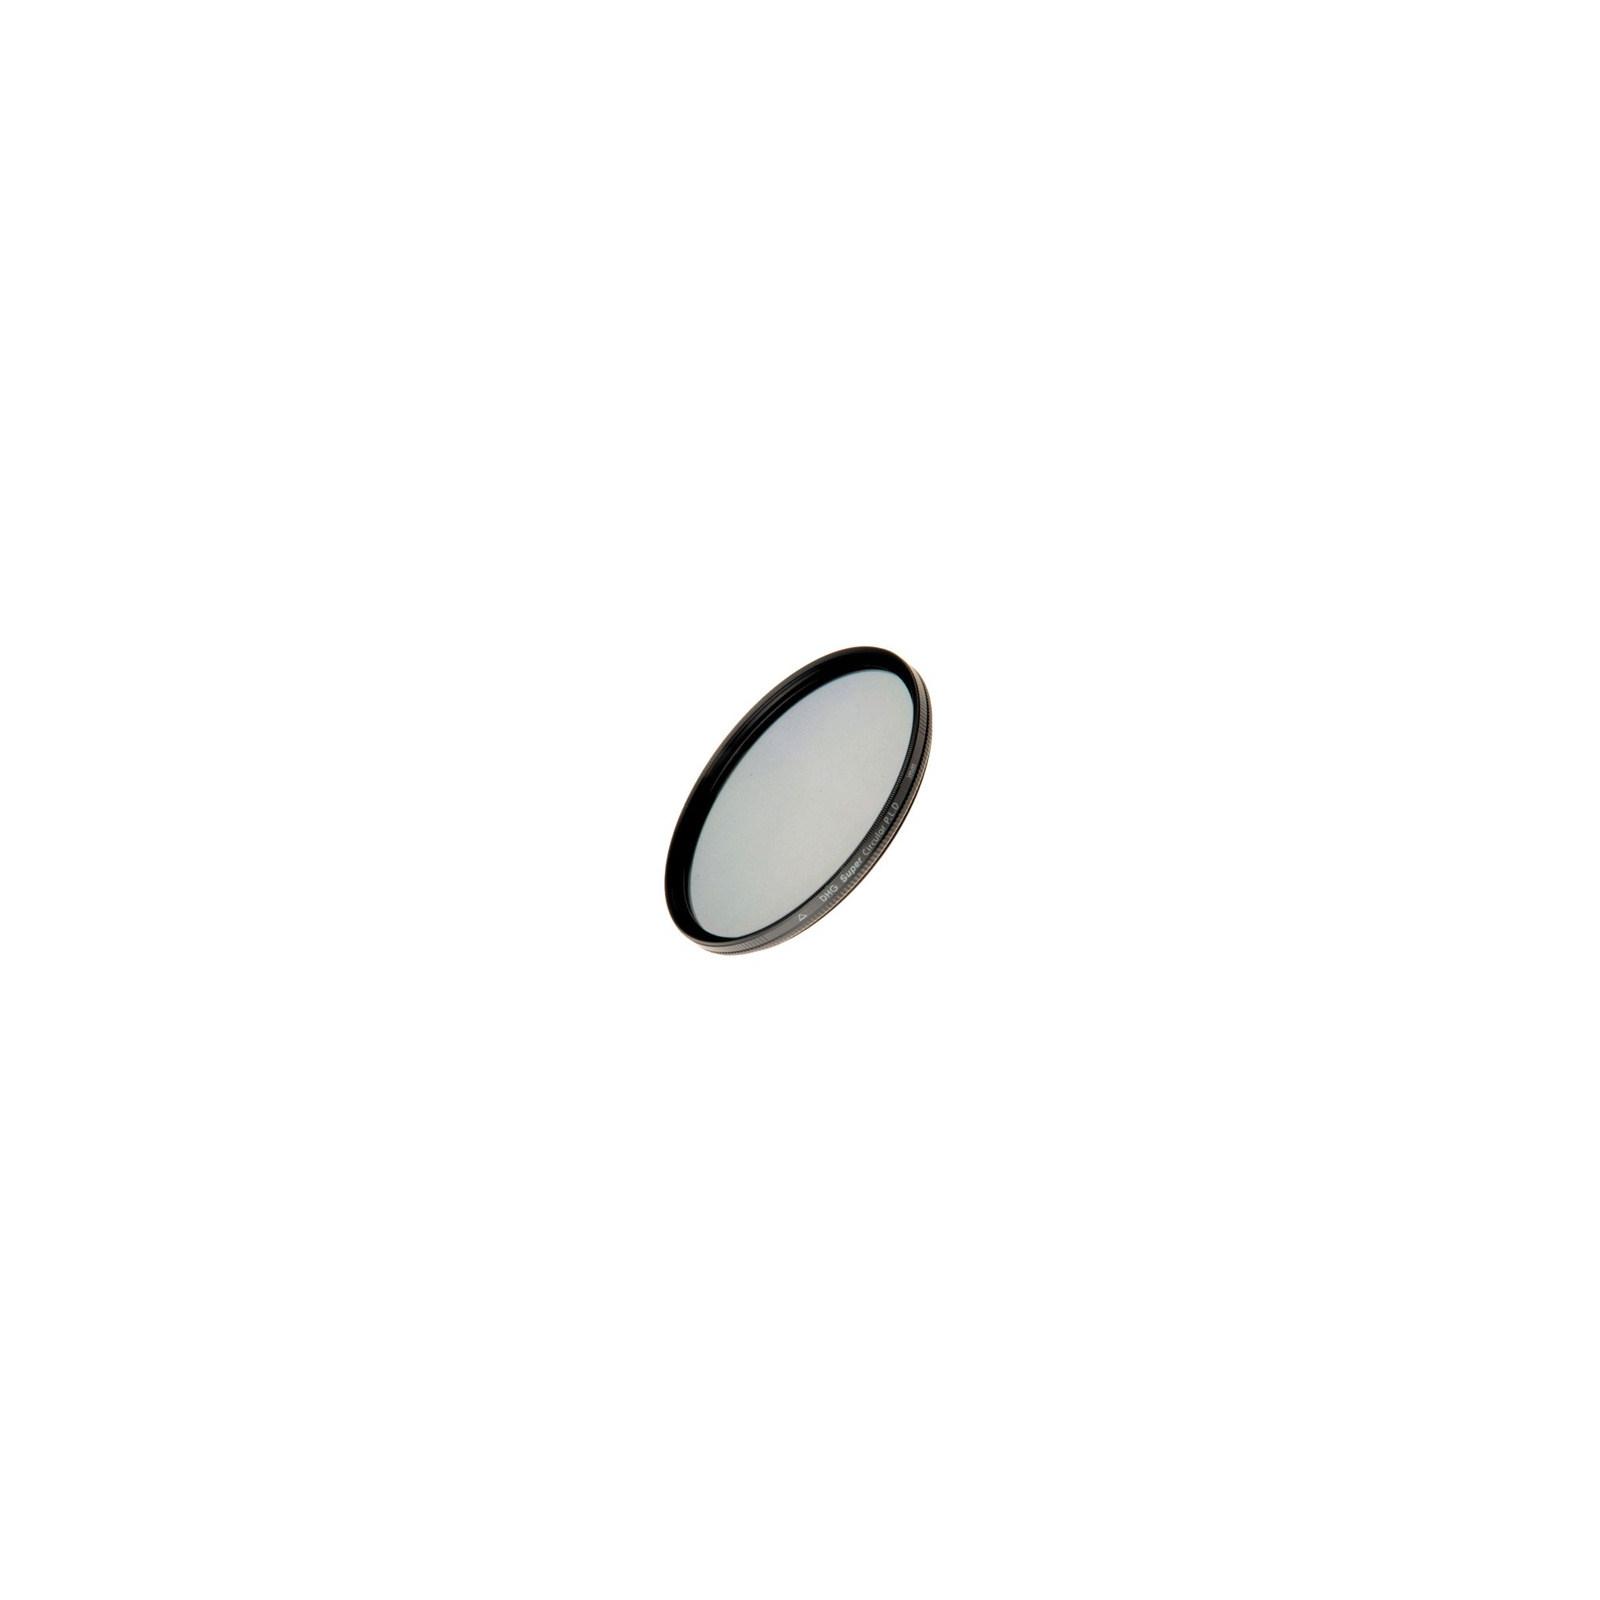 Светофильтр Marumi DHG Super Circular PL(D) 55mm